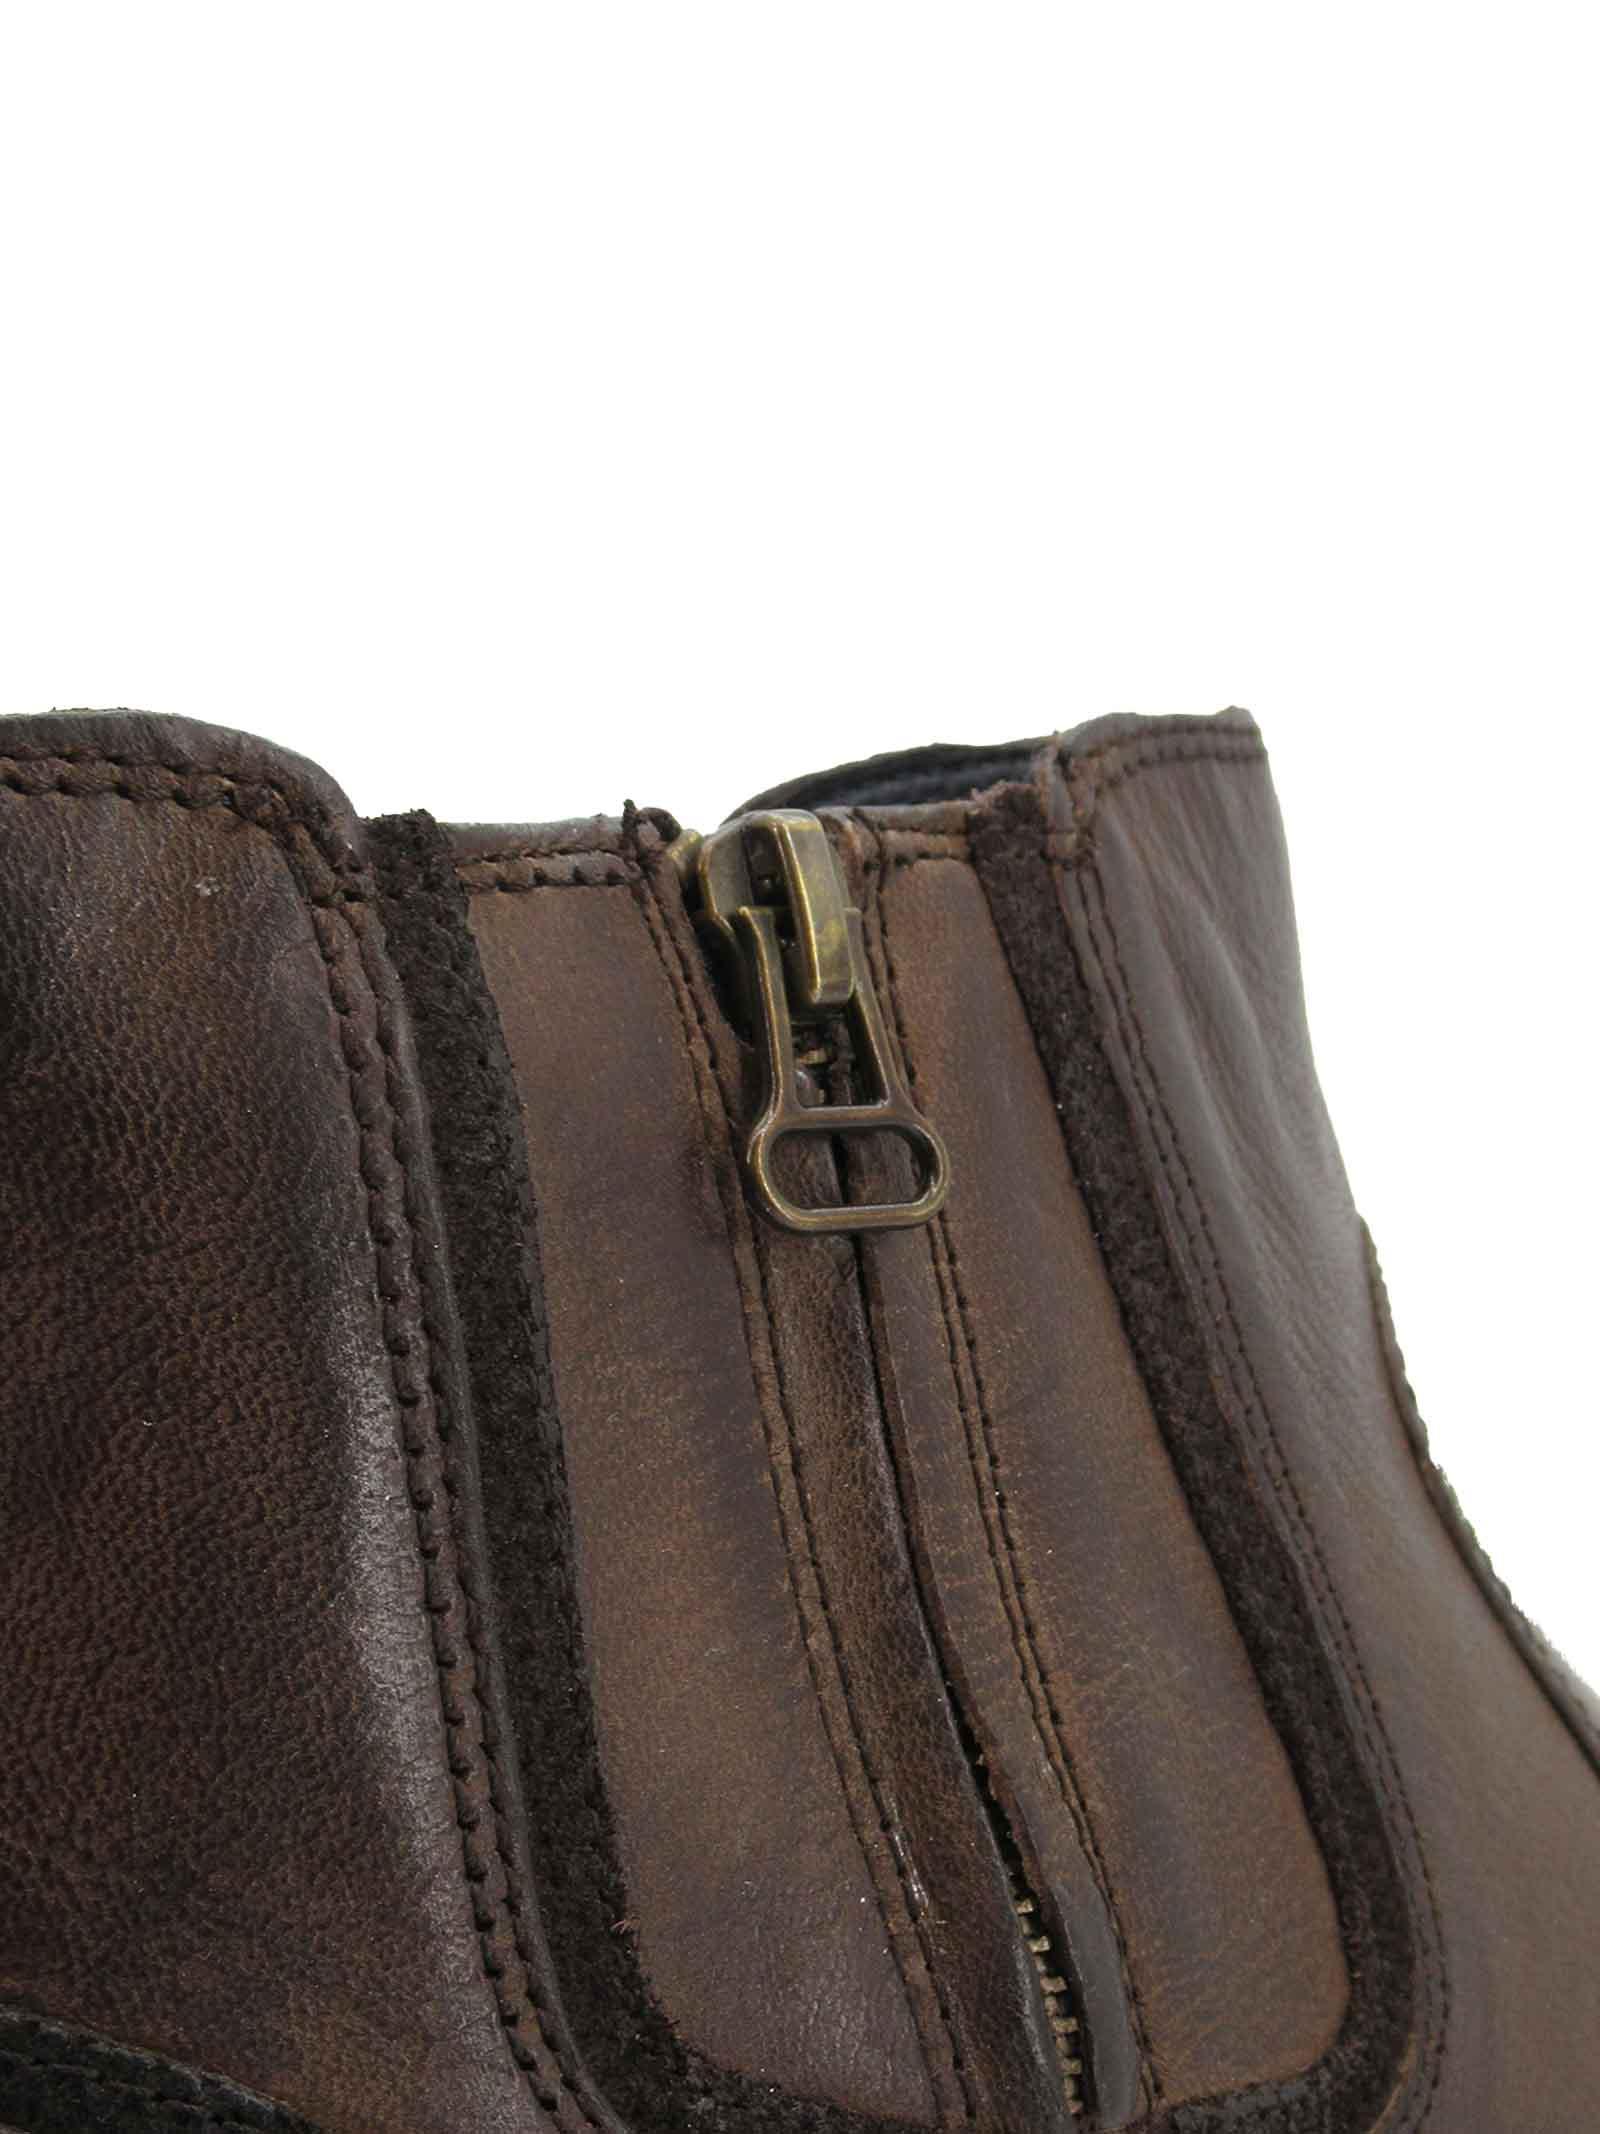 Calzature Uomo Stivaletti Boogie Zip in Pelle Marrone Con zip Laterale e Fondo in Gomma Wrangler   Stivaletti   WM12052A030